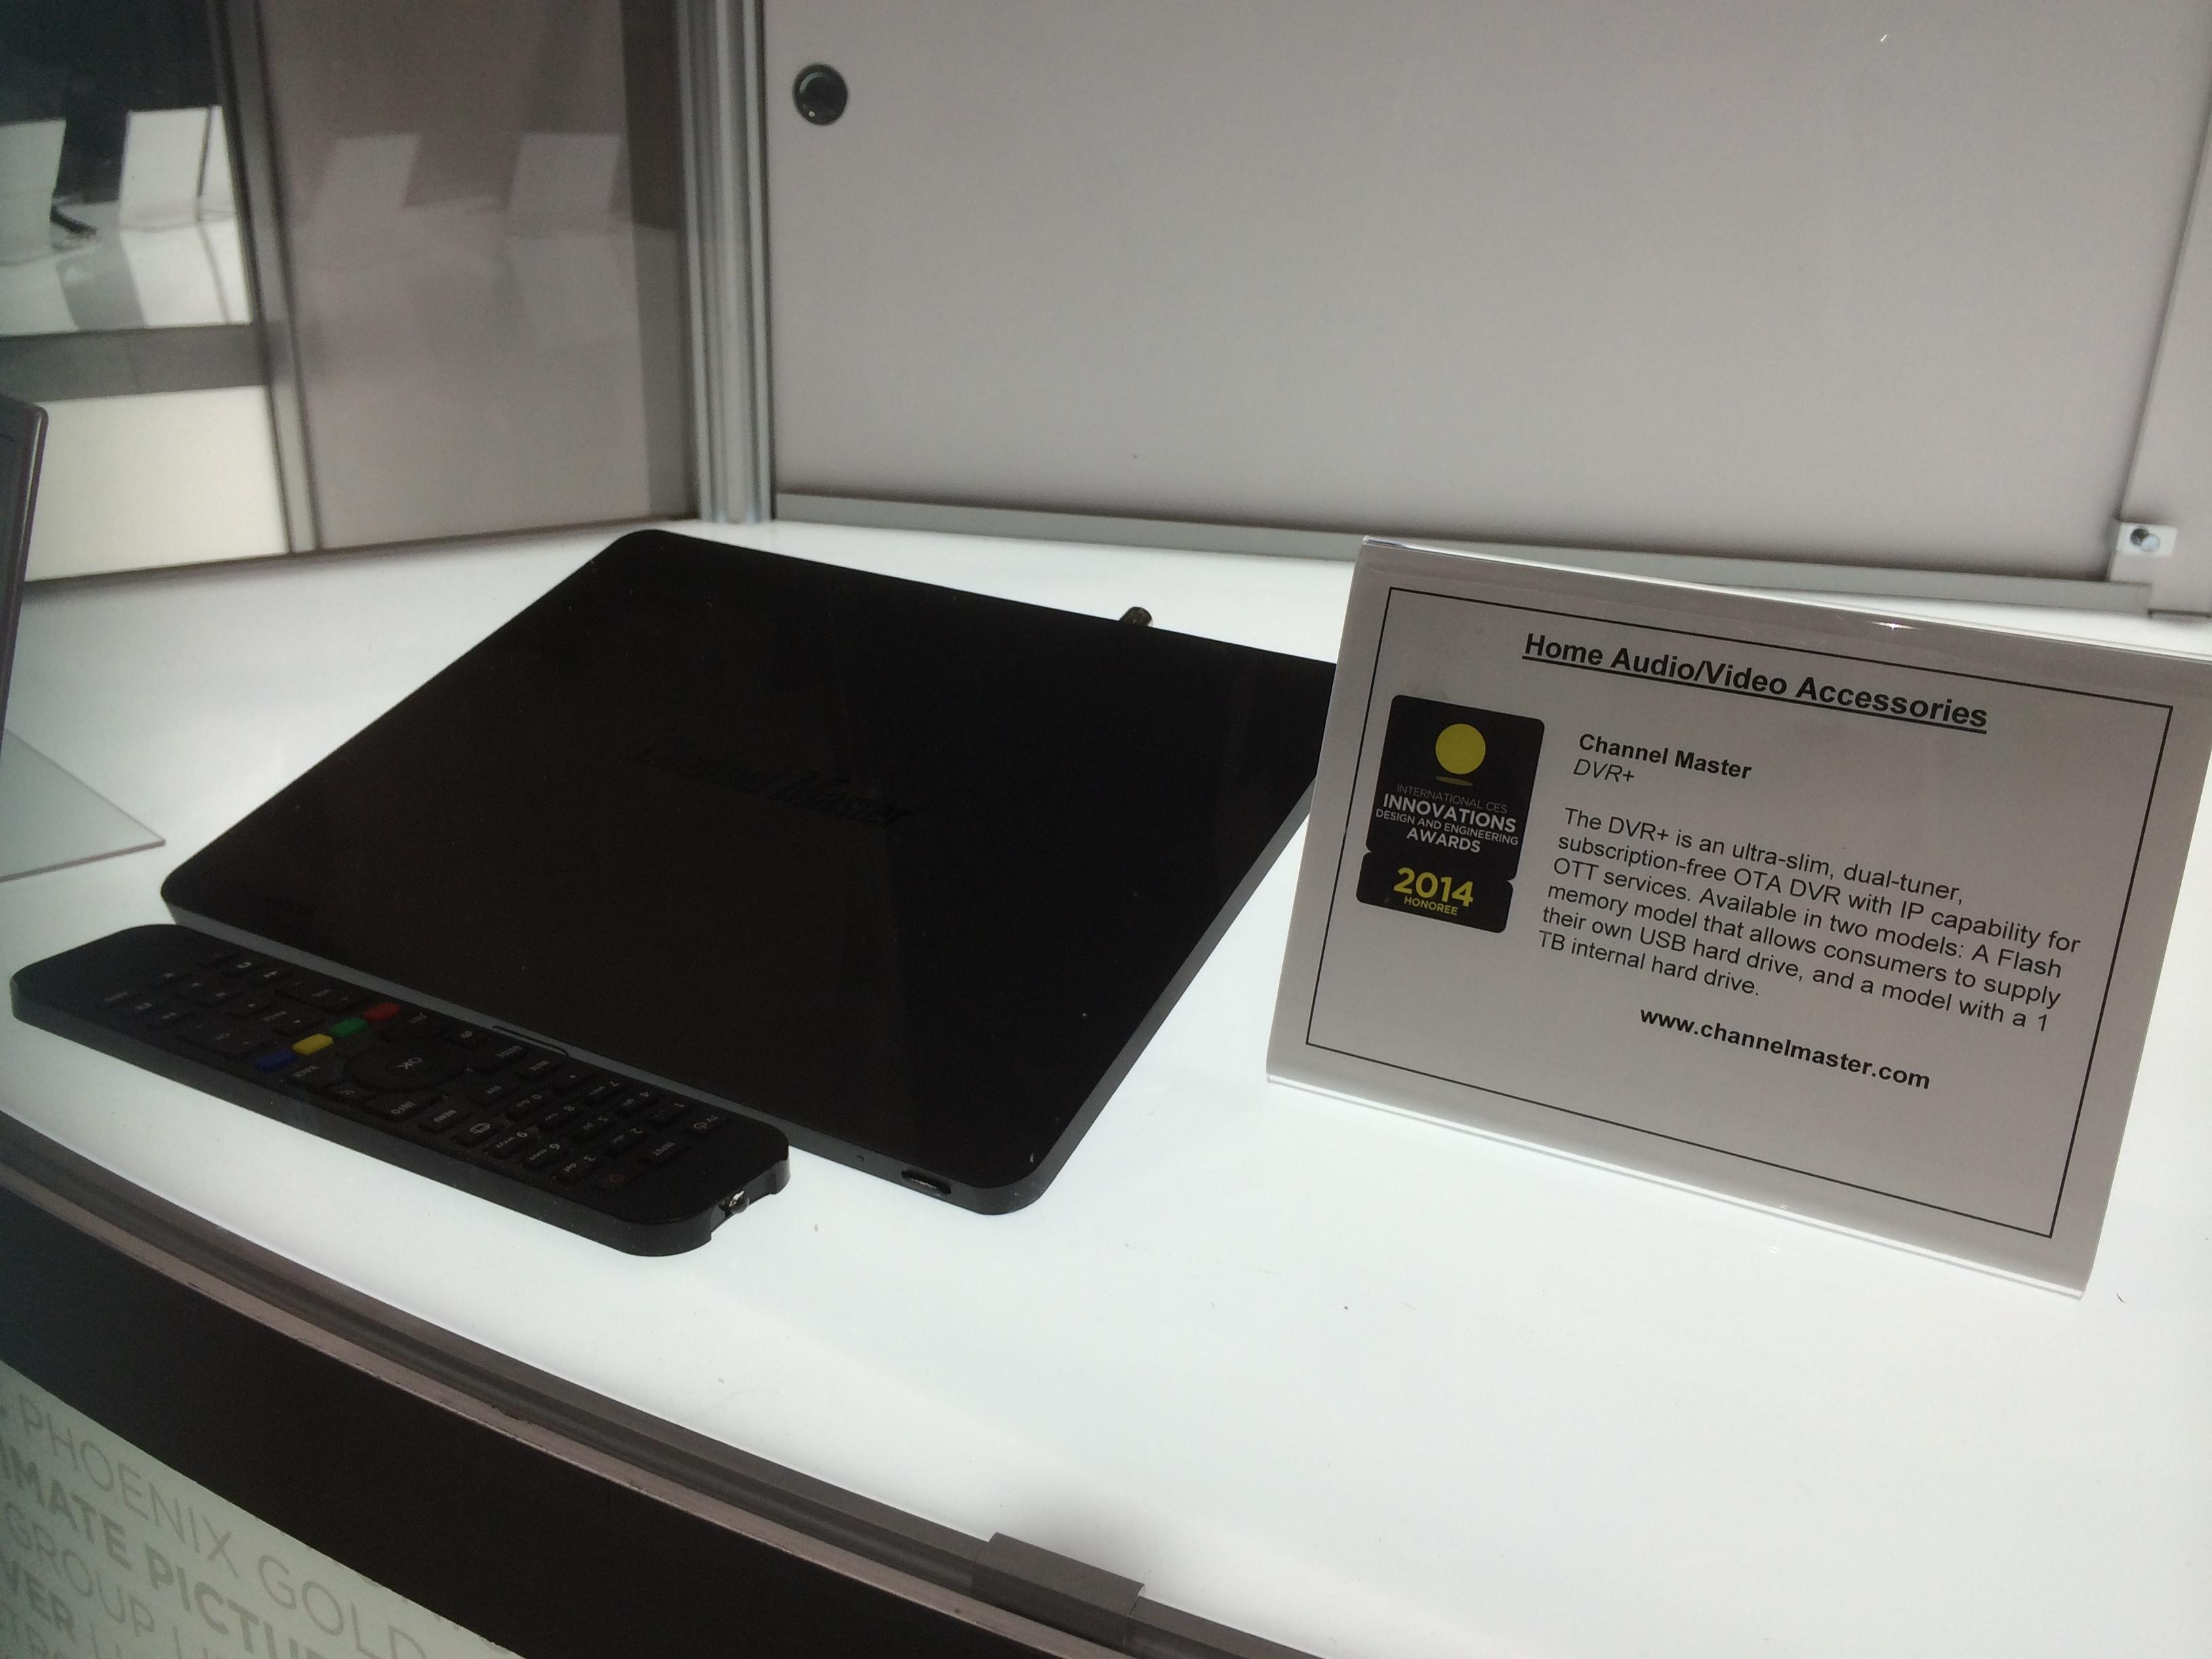 Самый плоский в мире двухтюнерный ресивер Channel Master с возможностью ip на выставке CES 2014